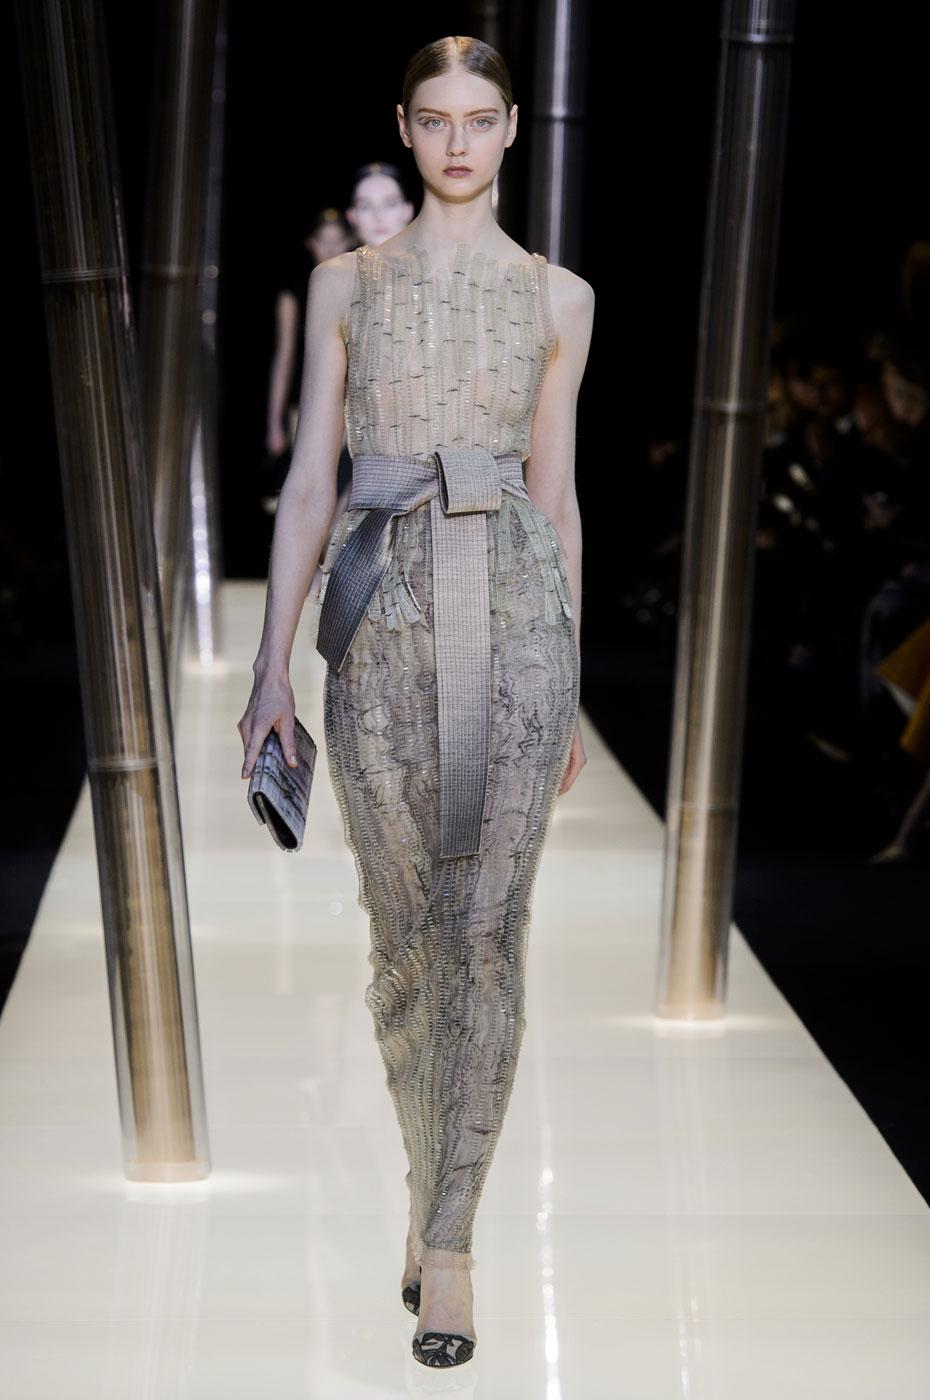 Giorgio-armani-Prive-fashion-runway-show-haute-couture-paris-spring-2015-the-impression-085